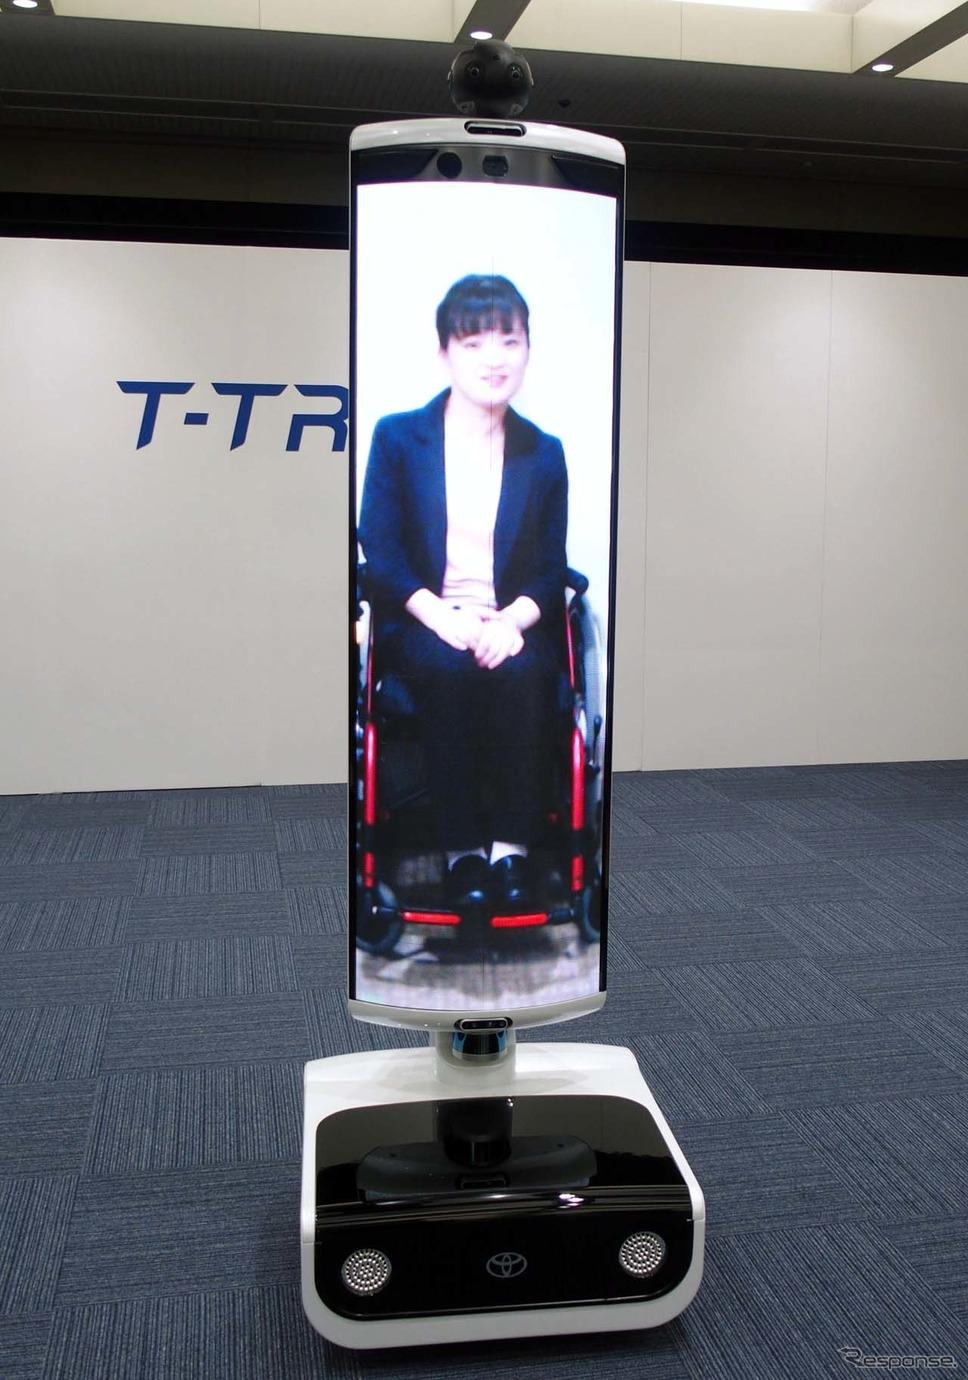 遠隔地間コミュニケーションサポートロボット「T-TR1」。ほぼ等身大のディスプレイが装備される